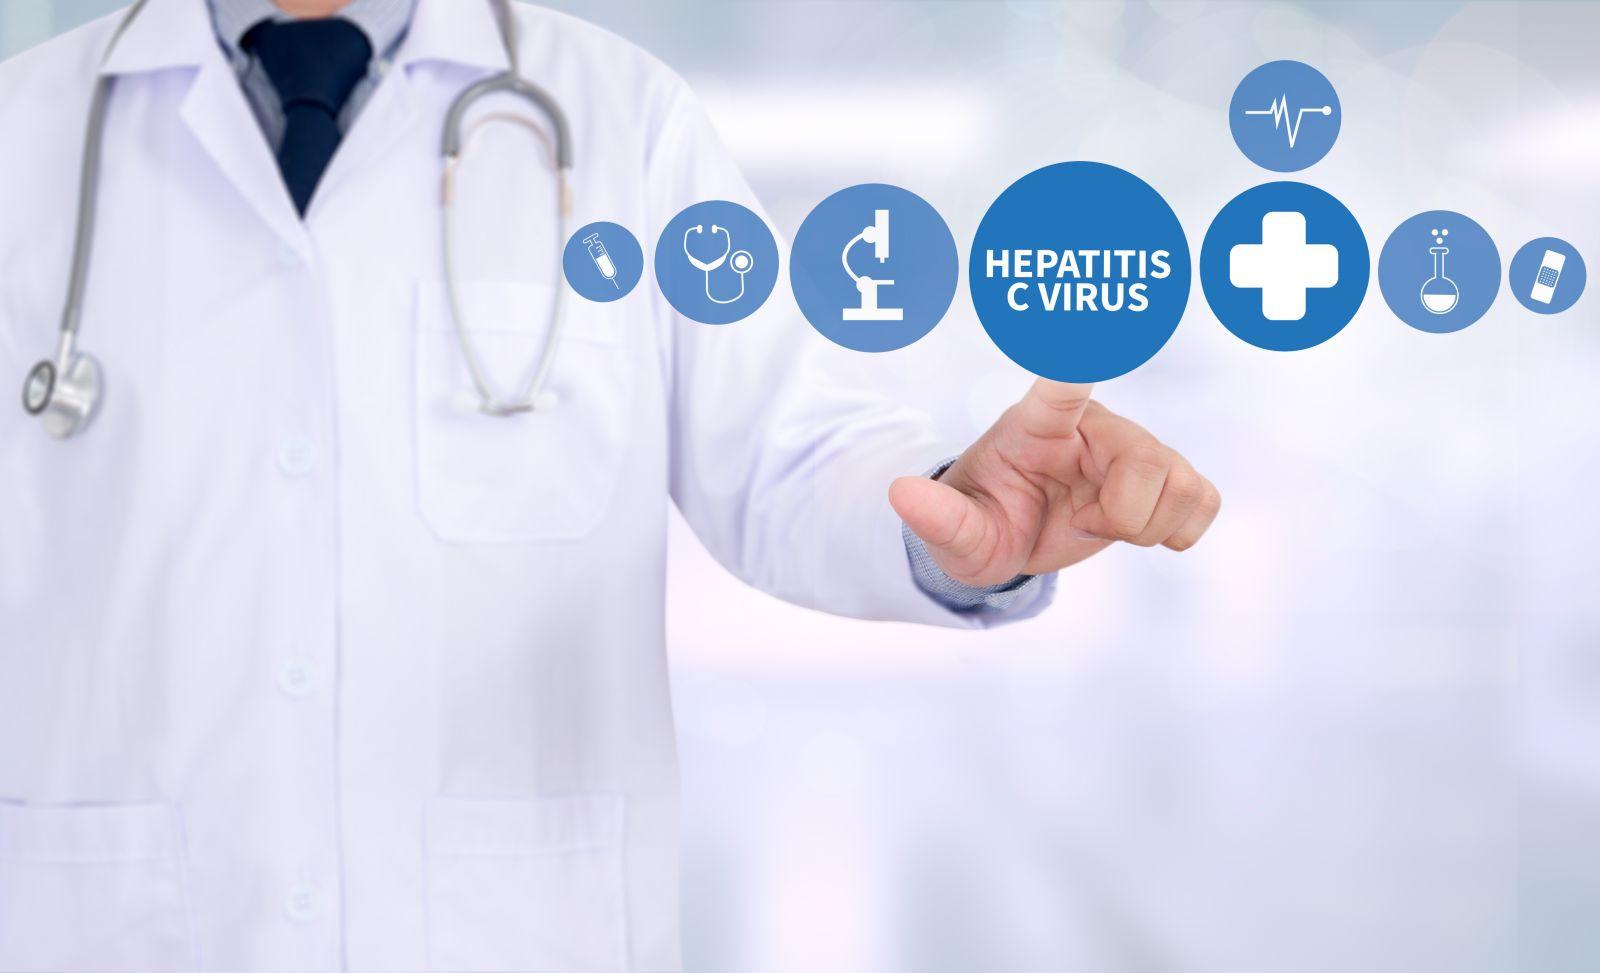 hepatitis c vaccine